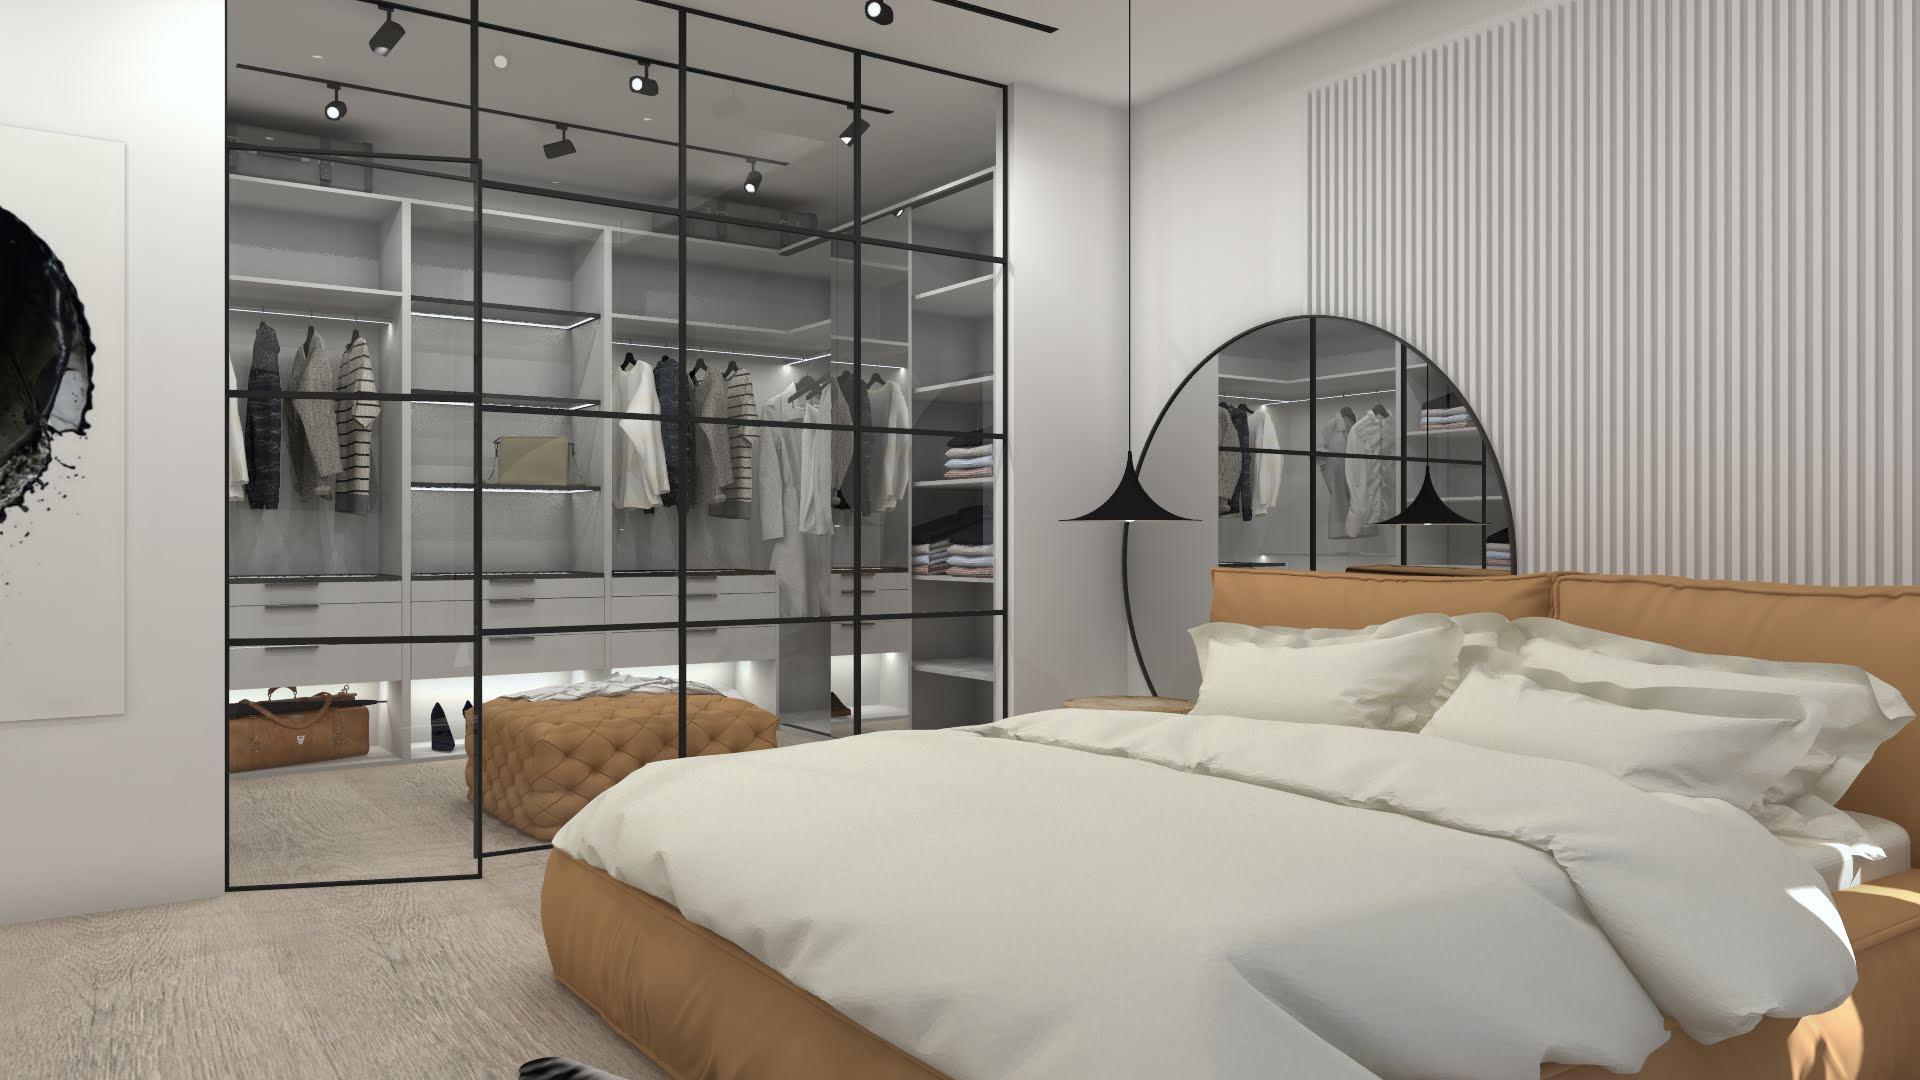 Sypialnia z garderobą w stylu industrialnym 101